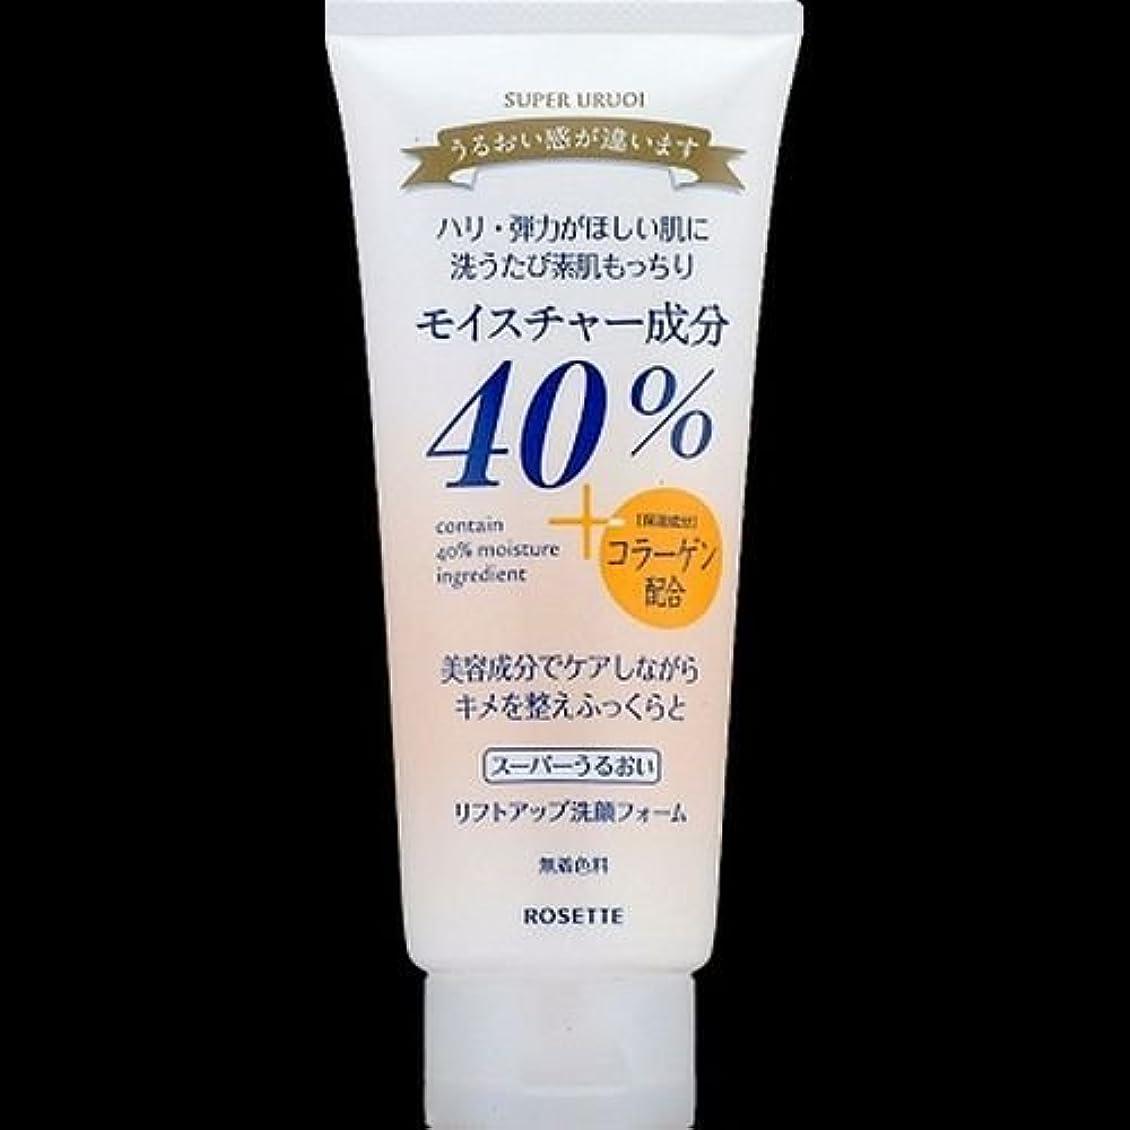 【まとめ買い】ロゼット 40%スーパーうるおいリフトアップ洗顔フォーム 168g ×2セット